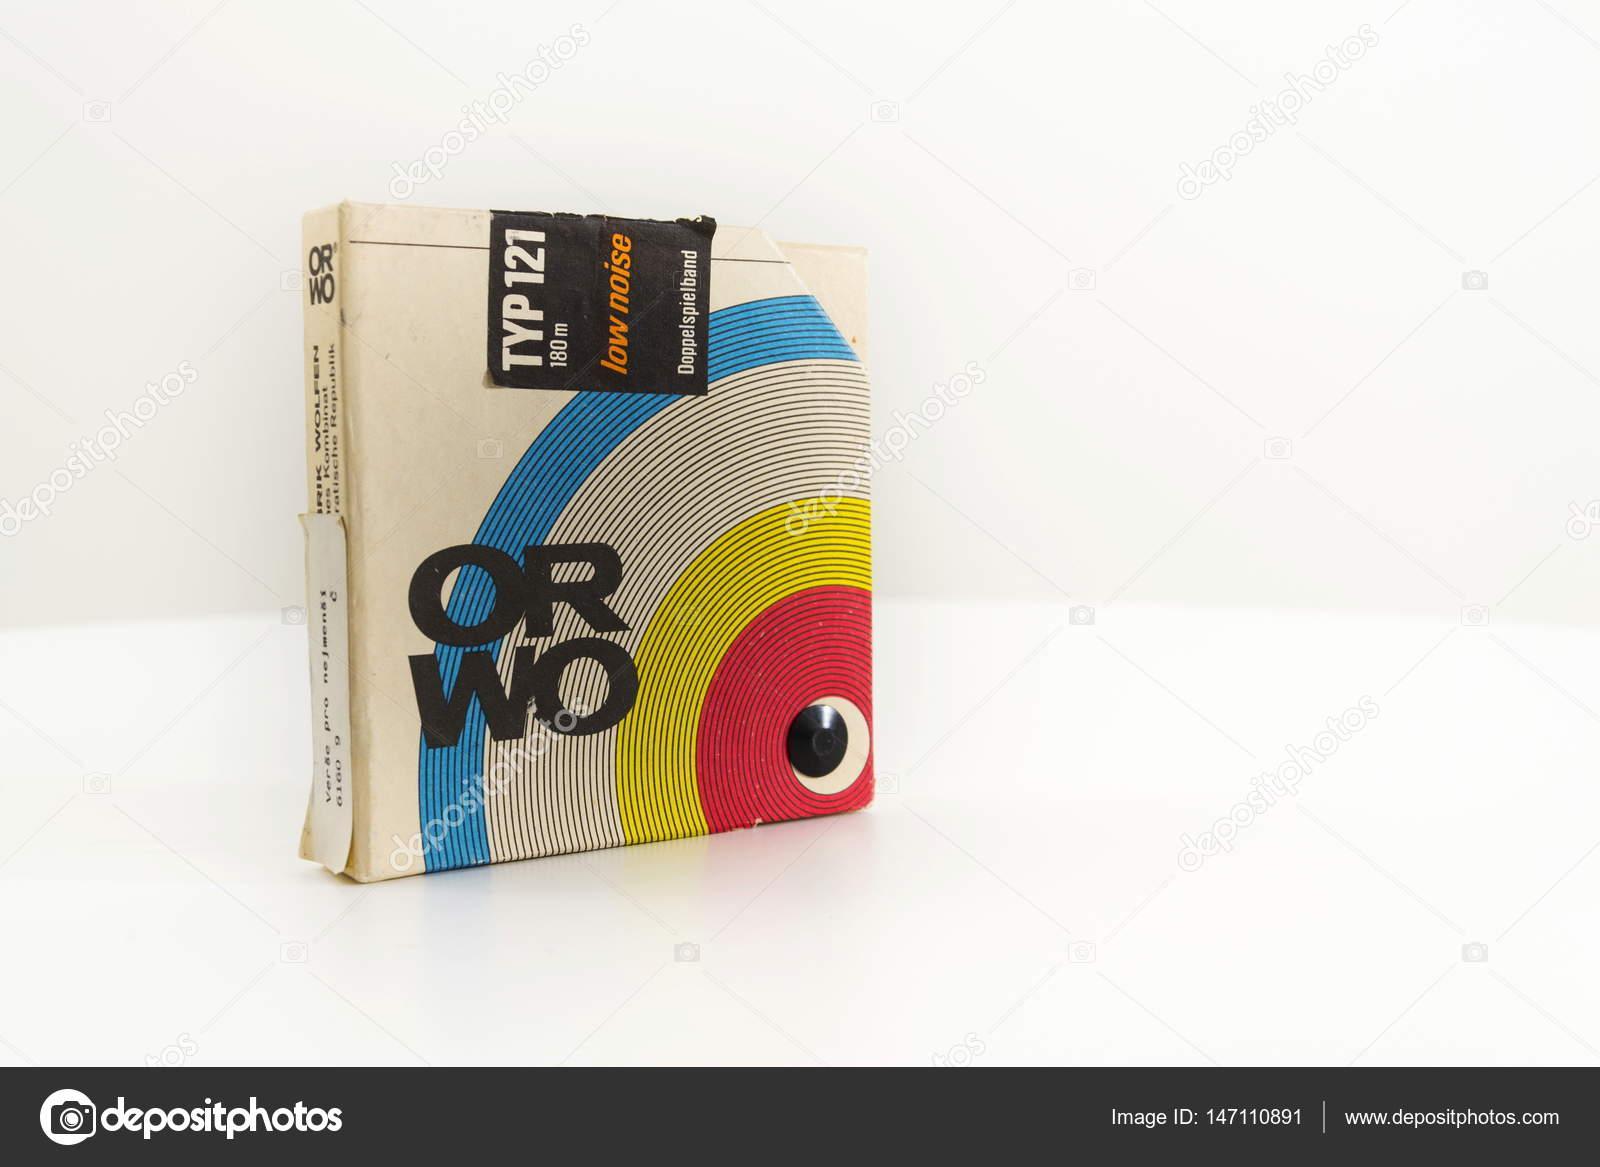 Orwo Vintage Bul Ses Kaydedici Teyp Beyaz Arka Plan üzerinde 17 Mart